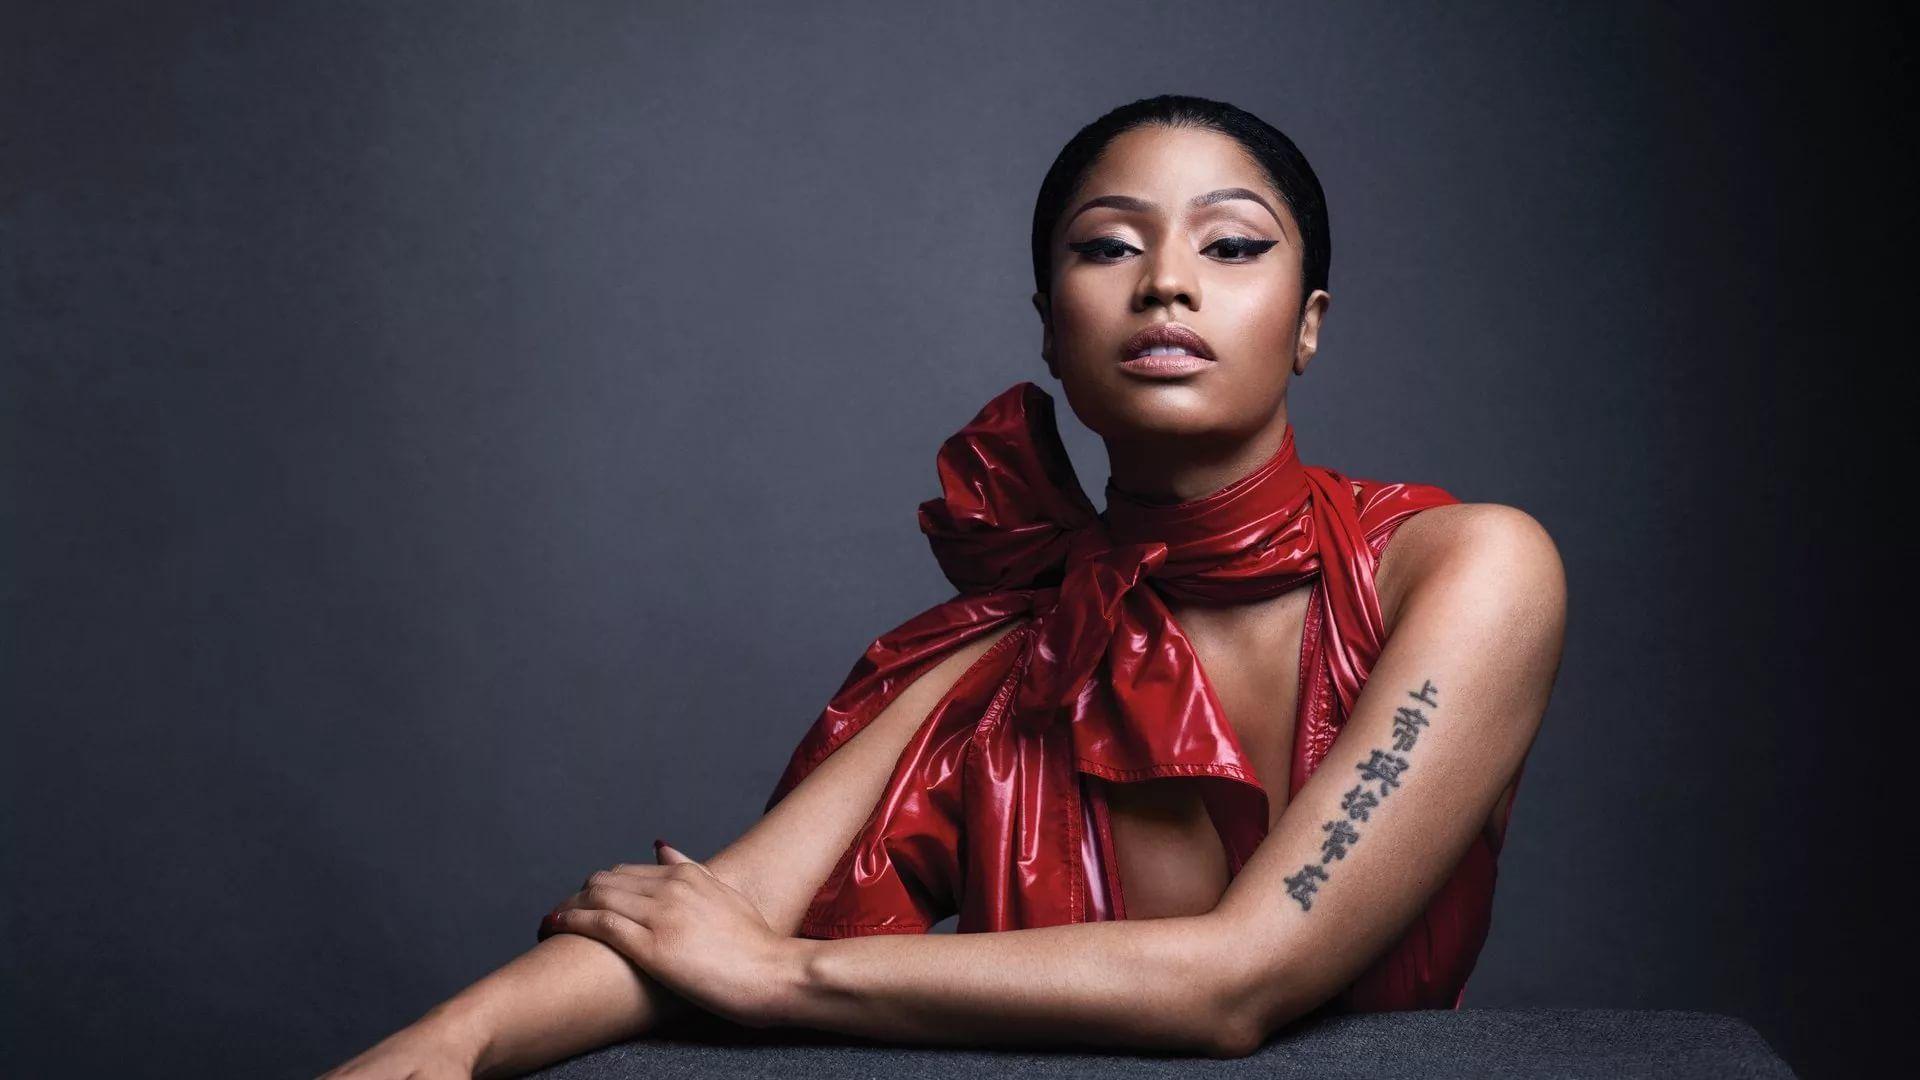 Nicki Minaj Wallpaper Theme